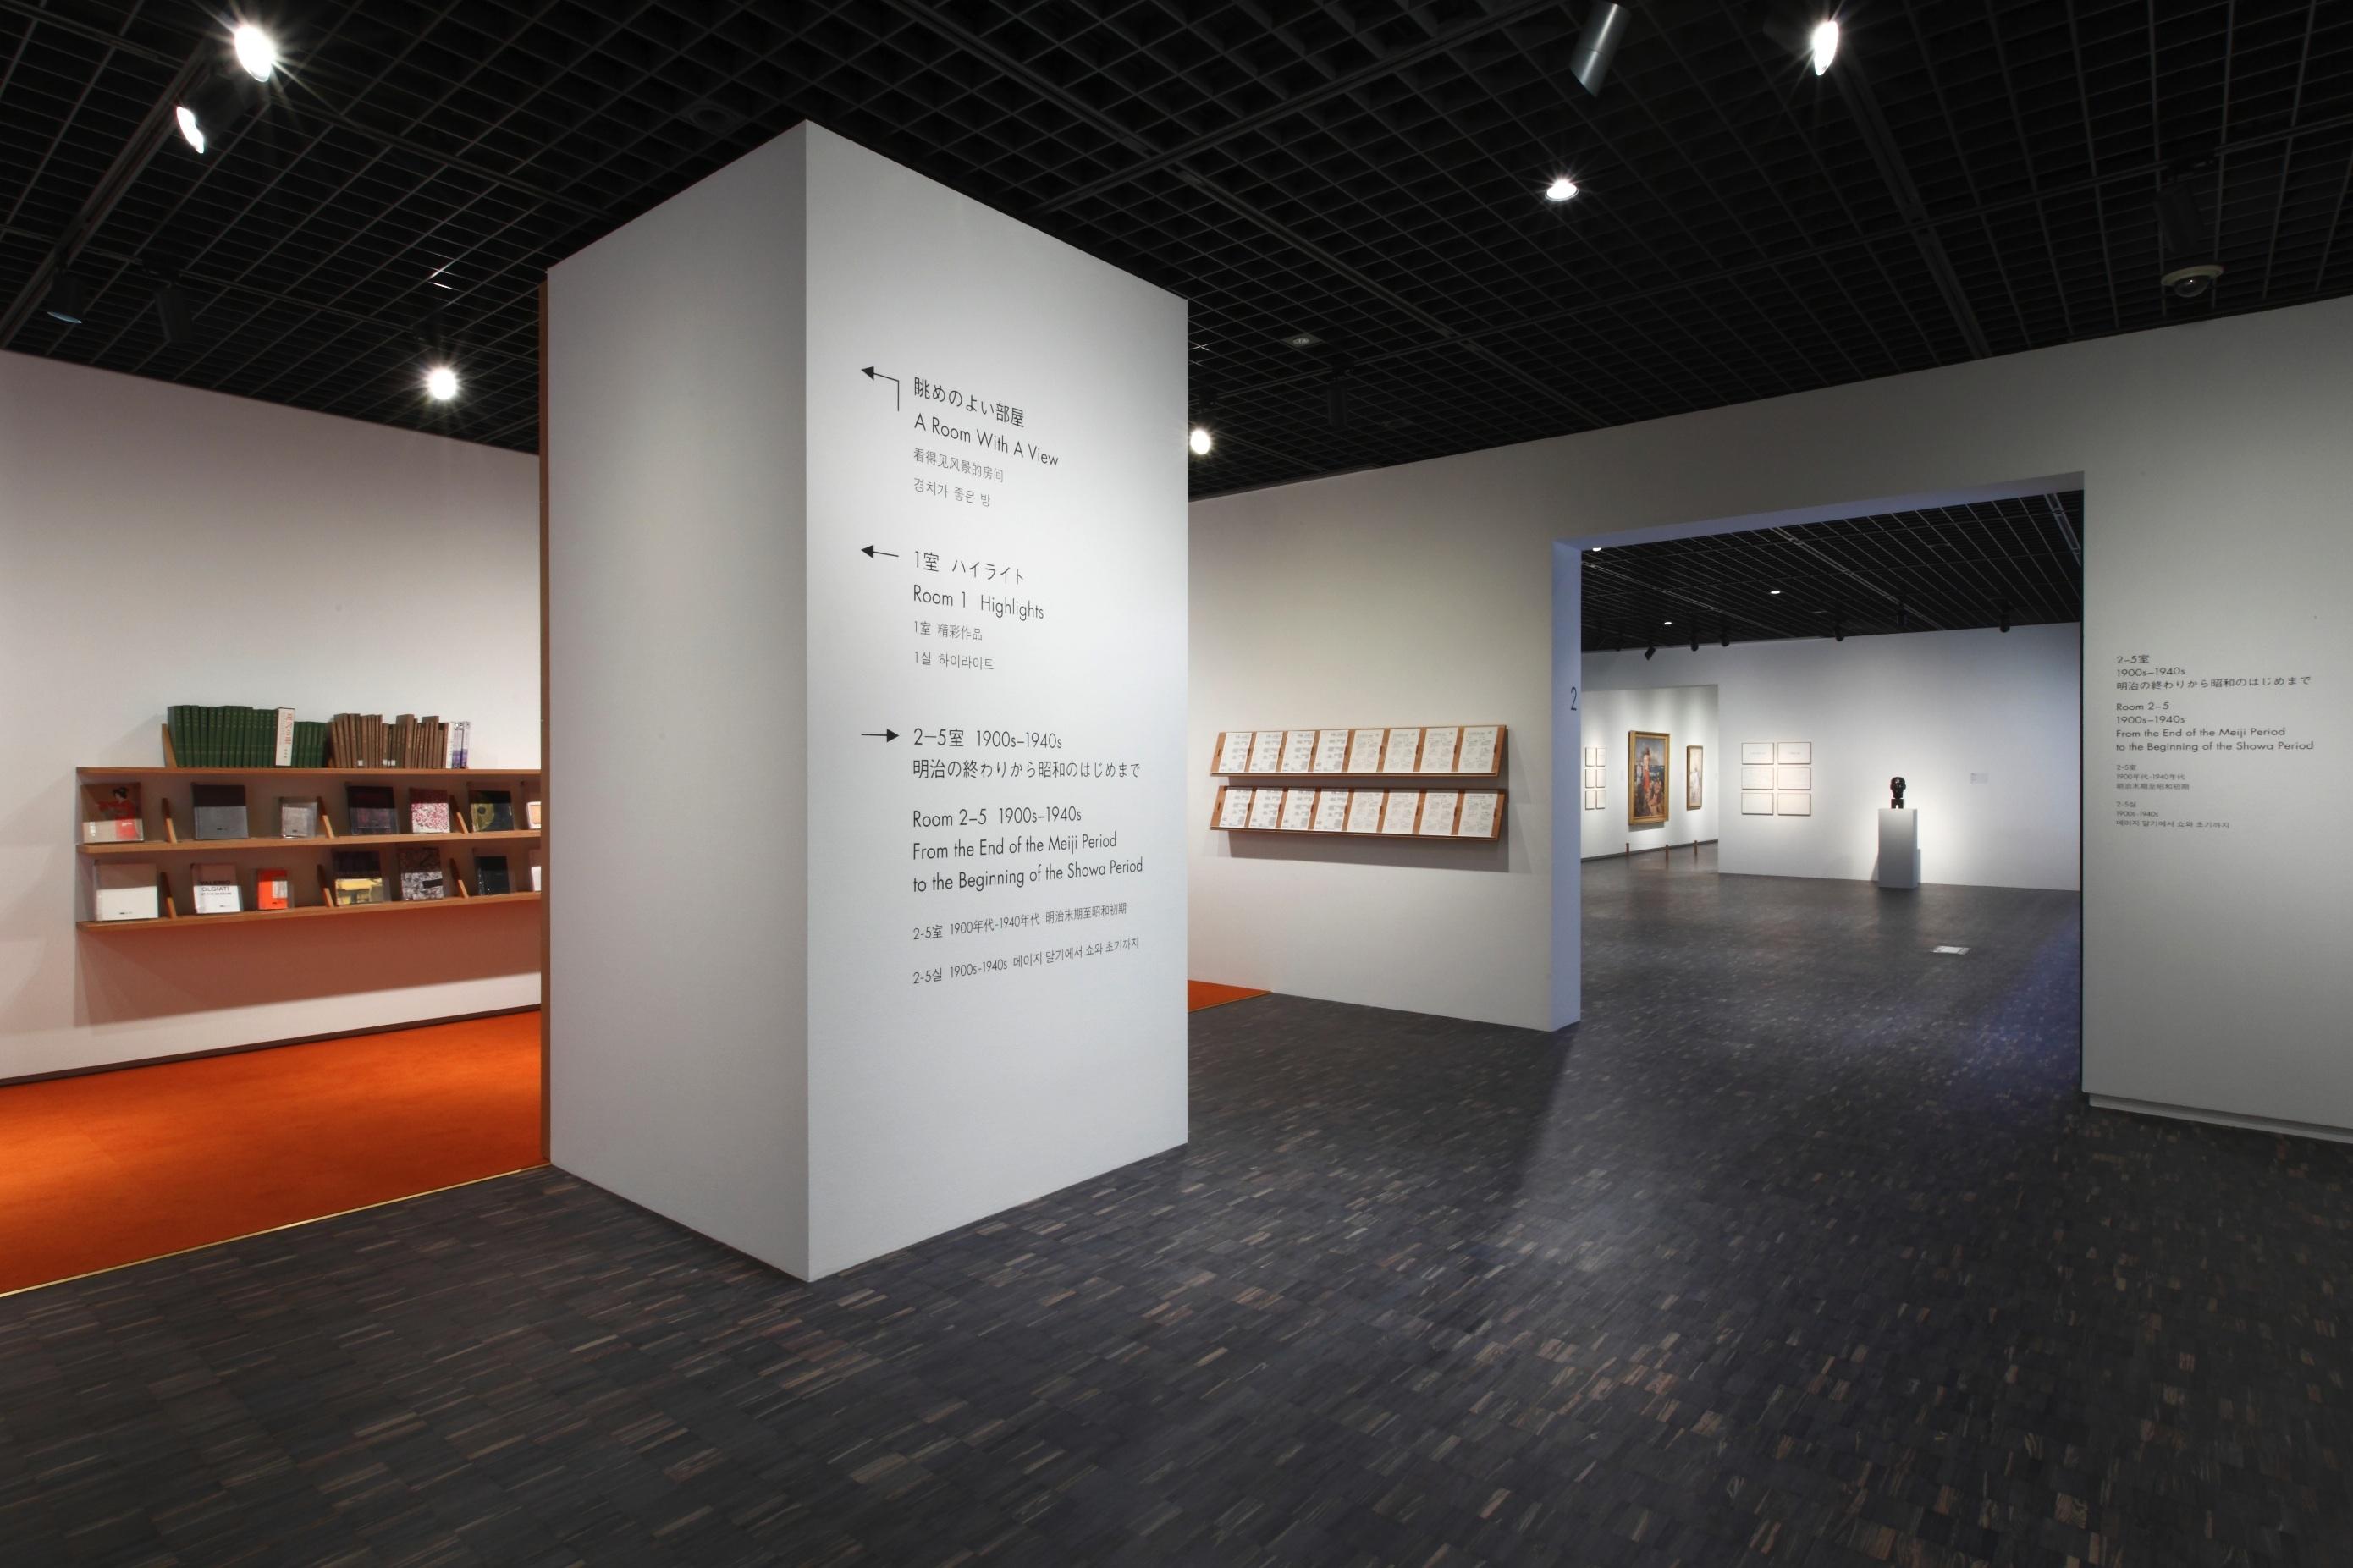 参考画像:東京国立近代美術館「MOMATコレクション」会場 撮影:木奥恵三